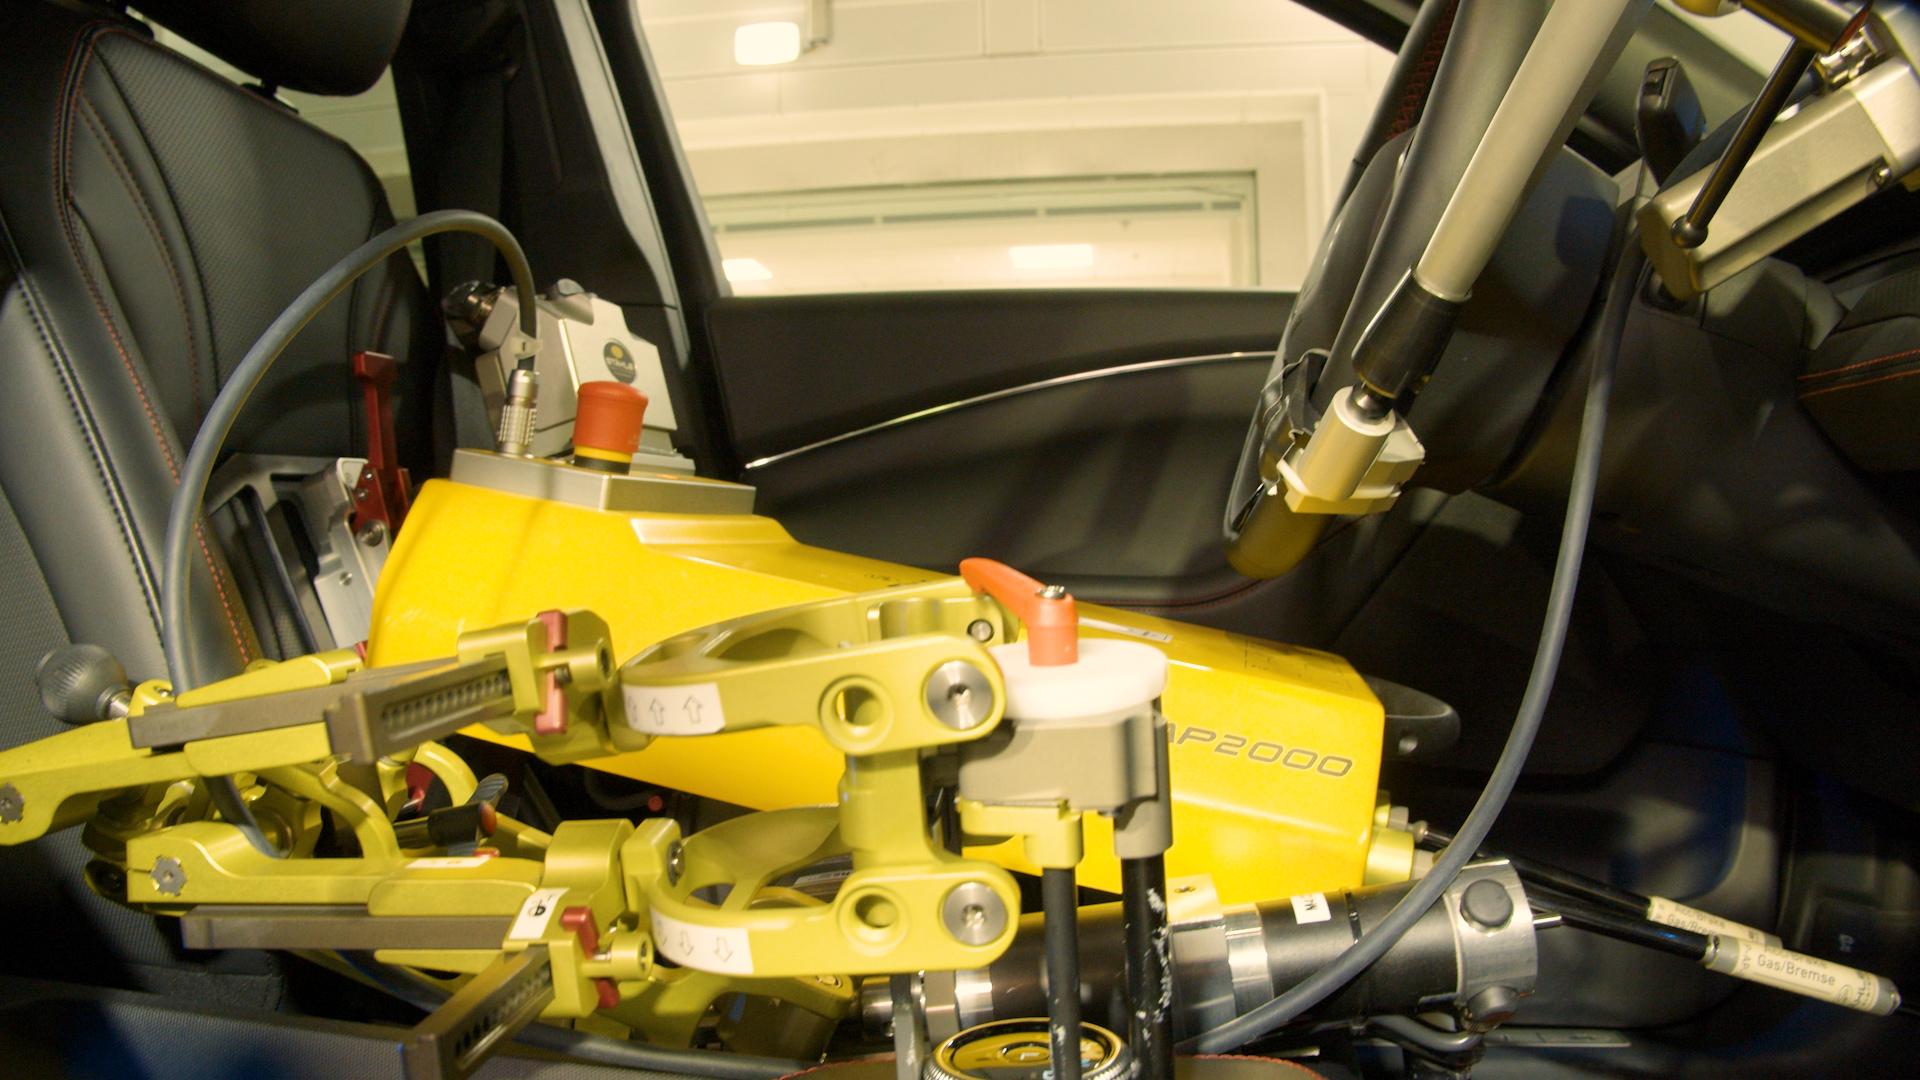 فورد: نستخدم الروبوتات كسائقين لاختبار مركباتنا وضمان جاهزيتها لمواجهة أقسى الظروف